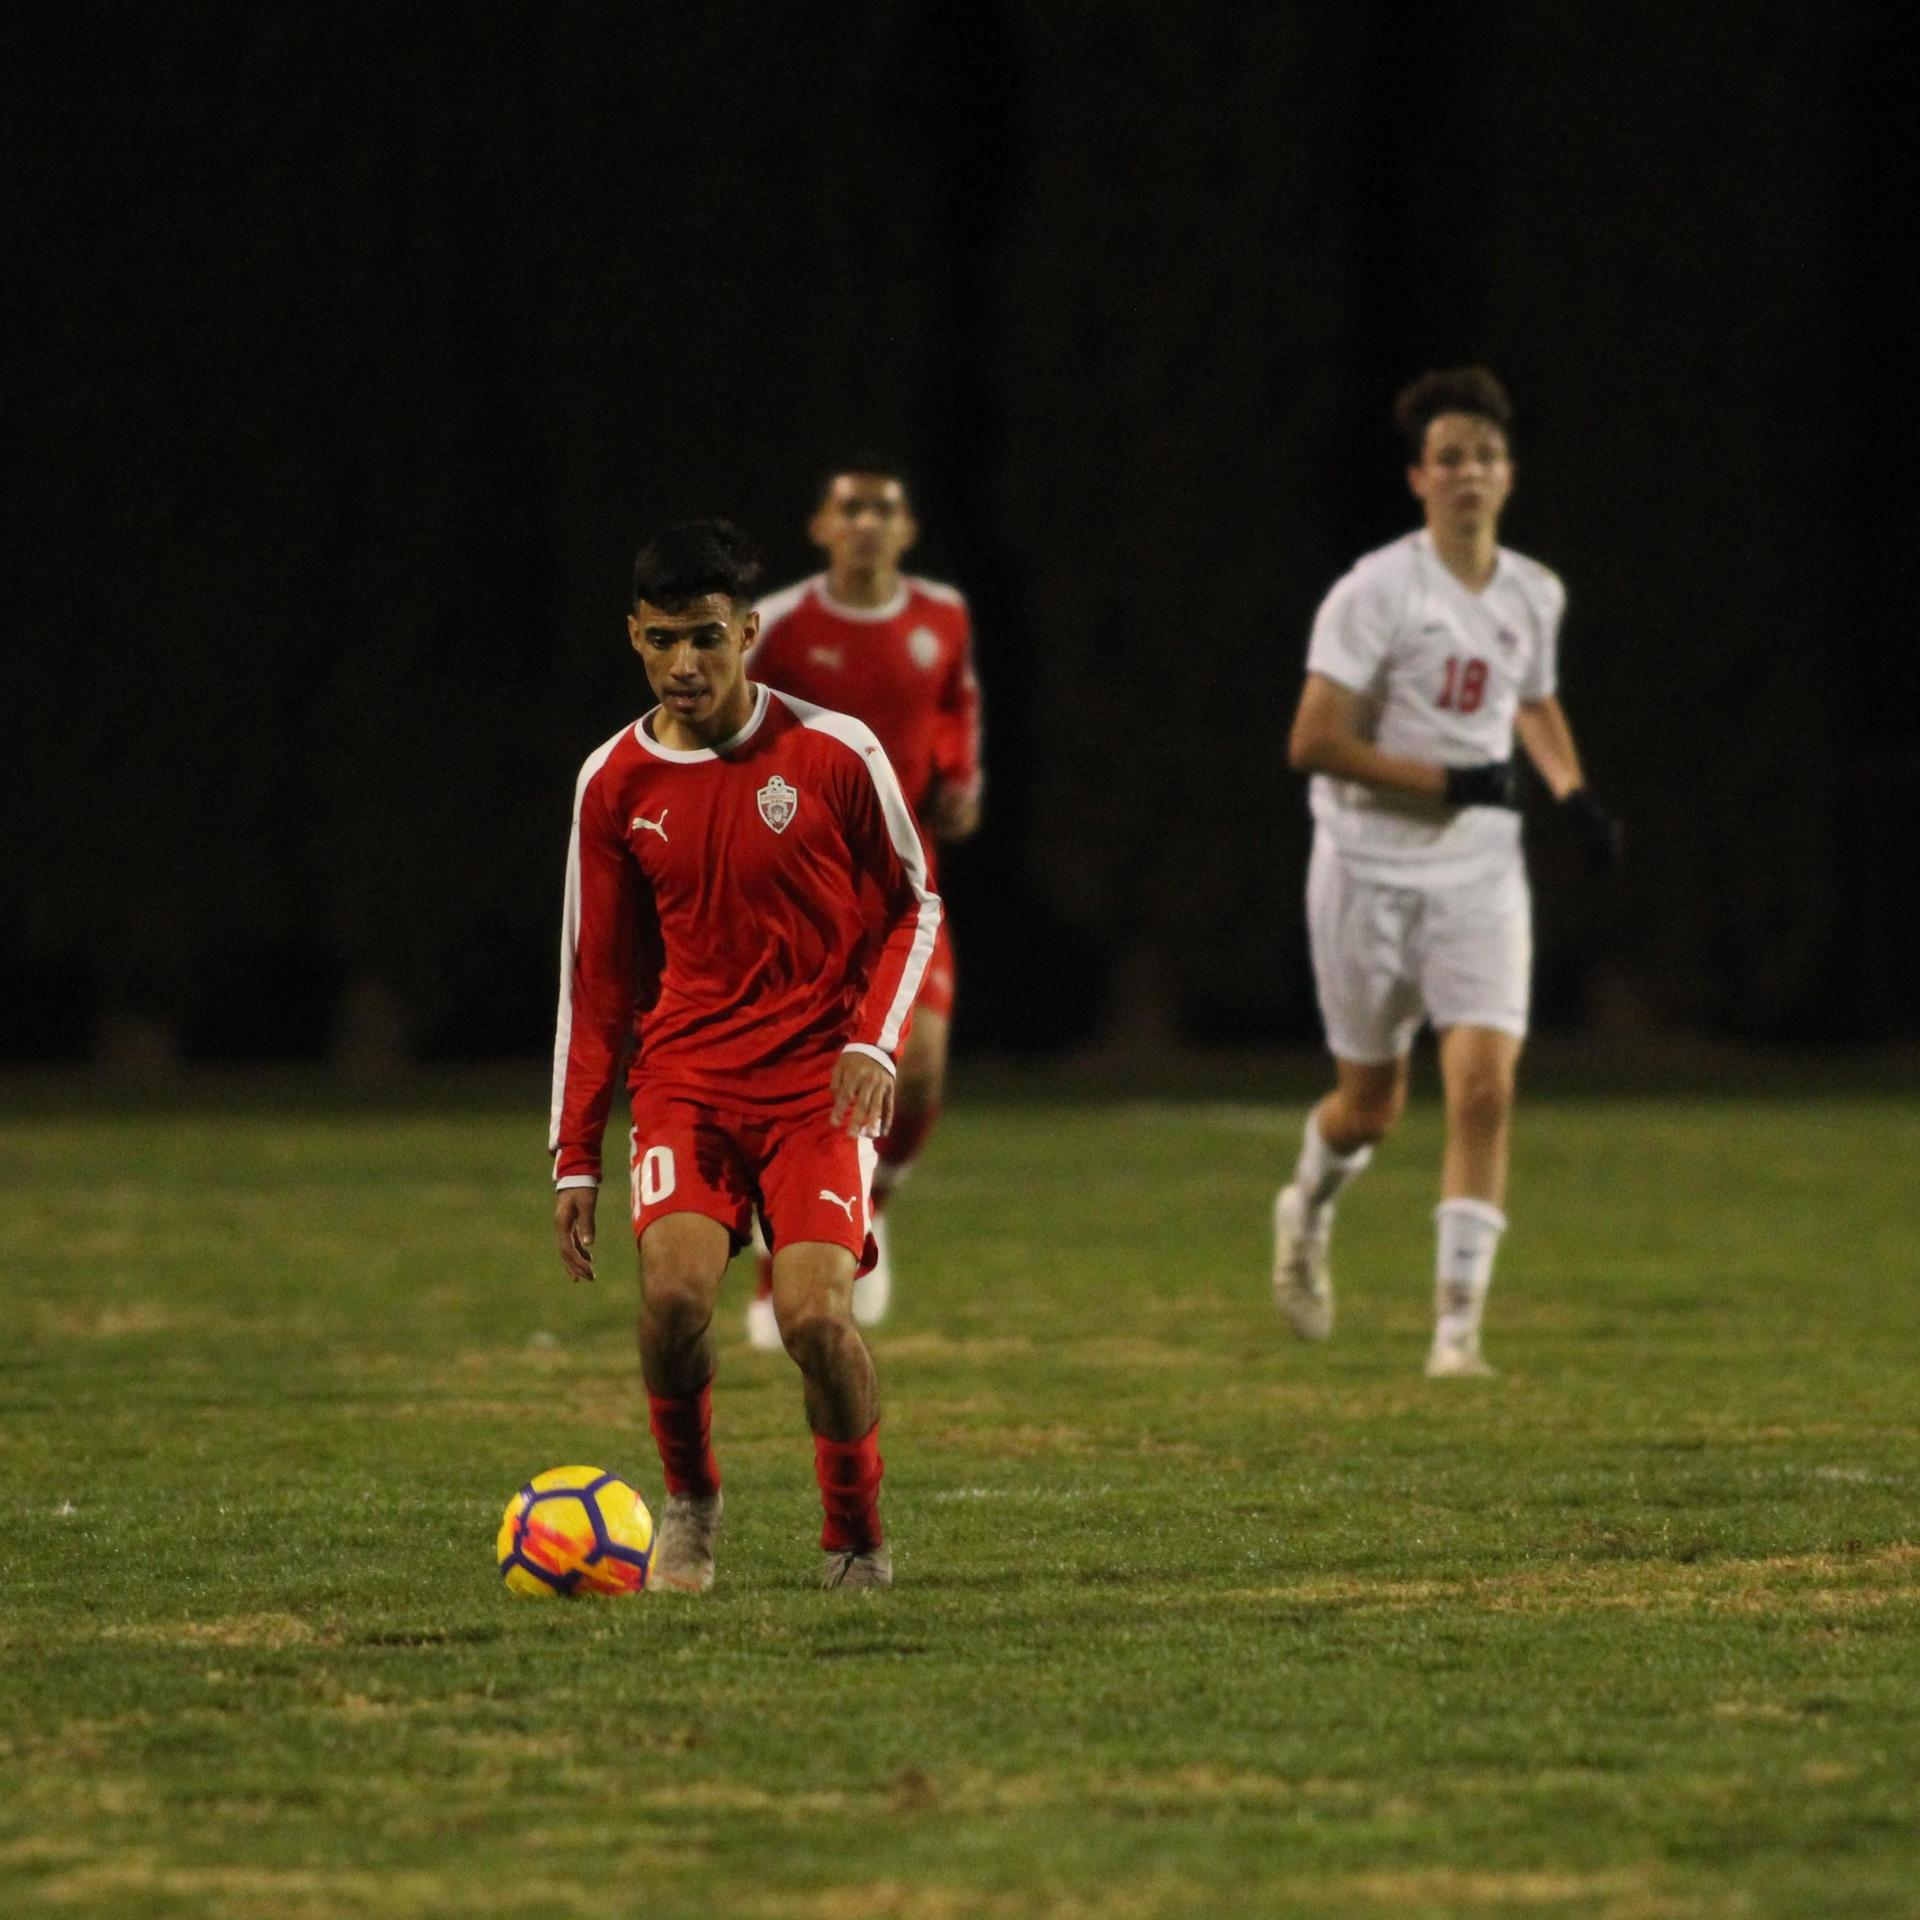 Jacob Corchado with the ball